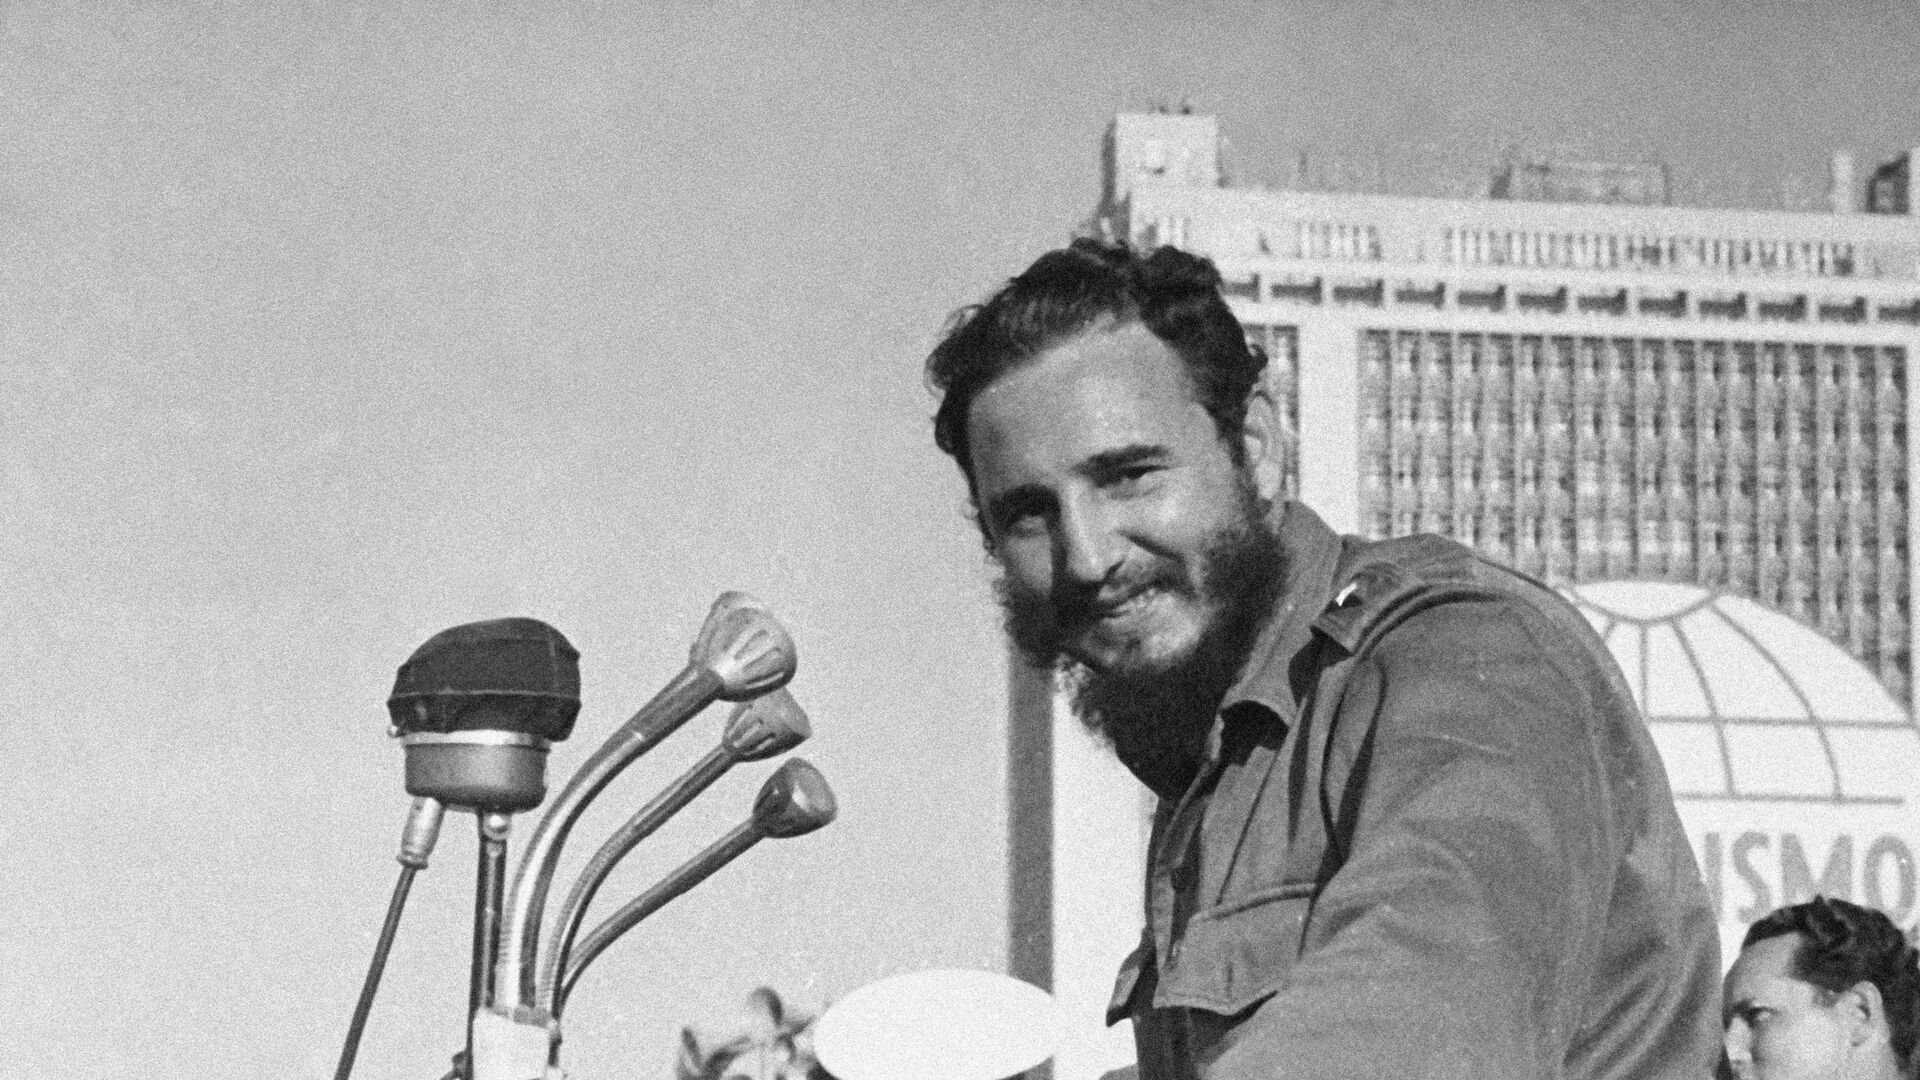 Кубинский лидер Фидель Кастро на выступлении - РИА Новости, 1920, 12.10.2020